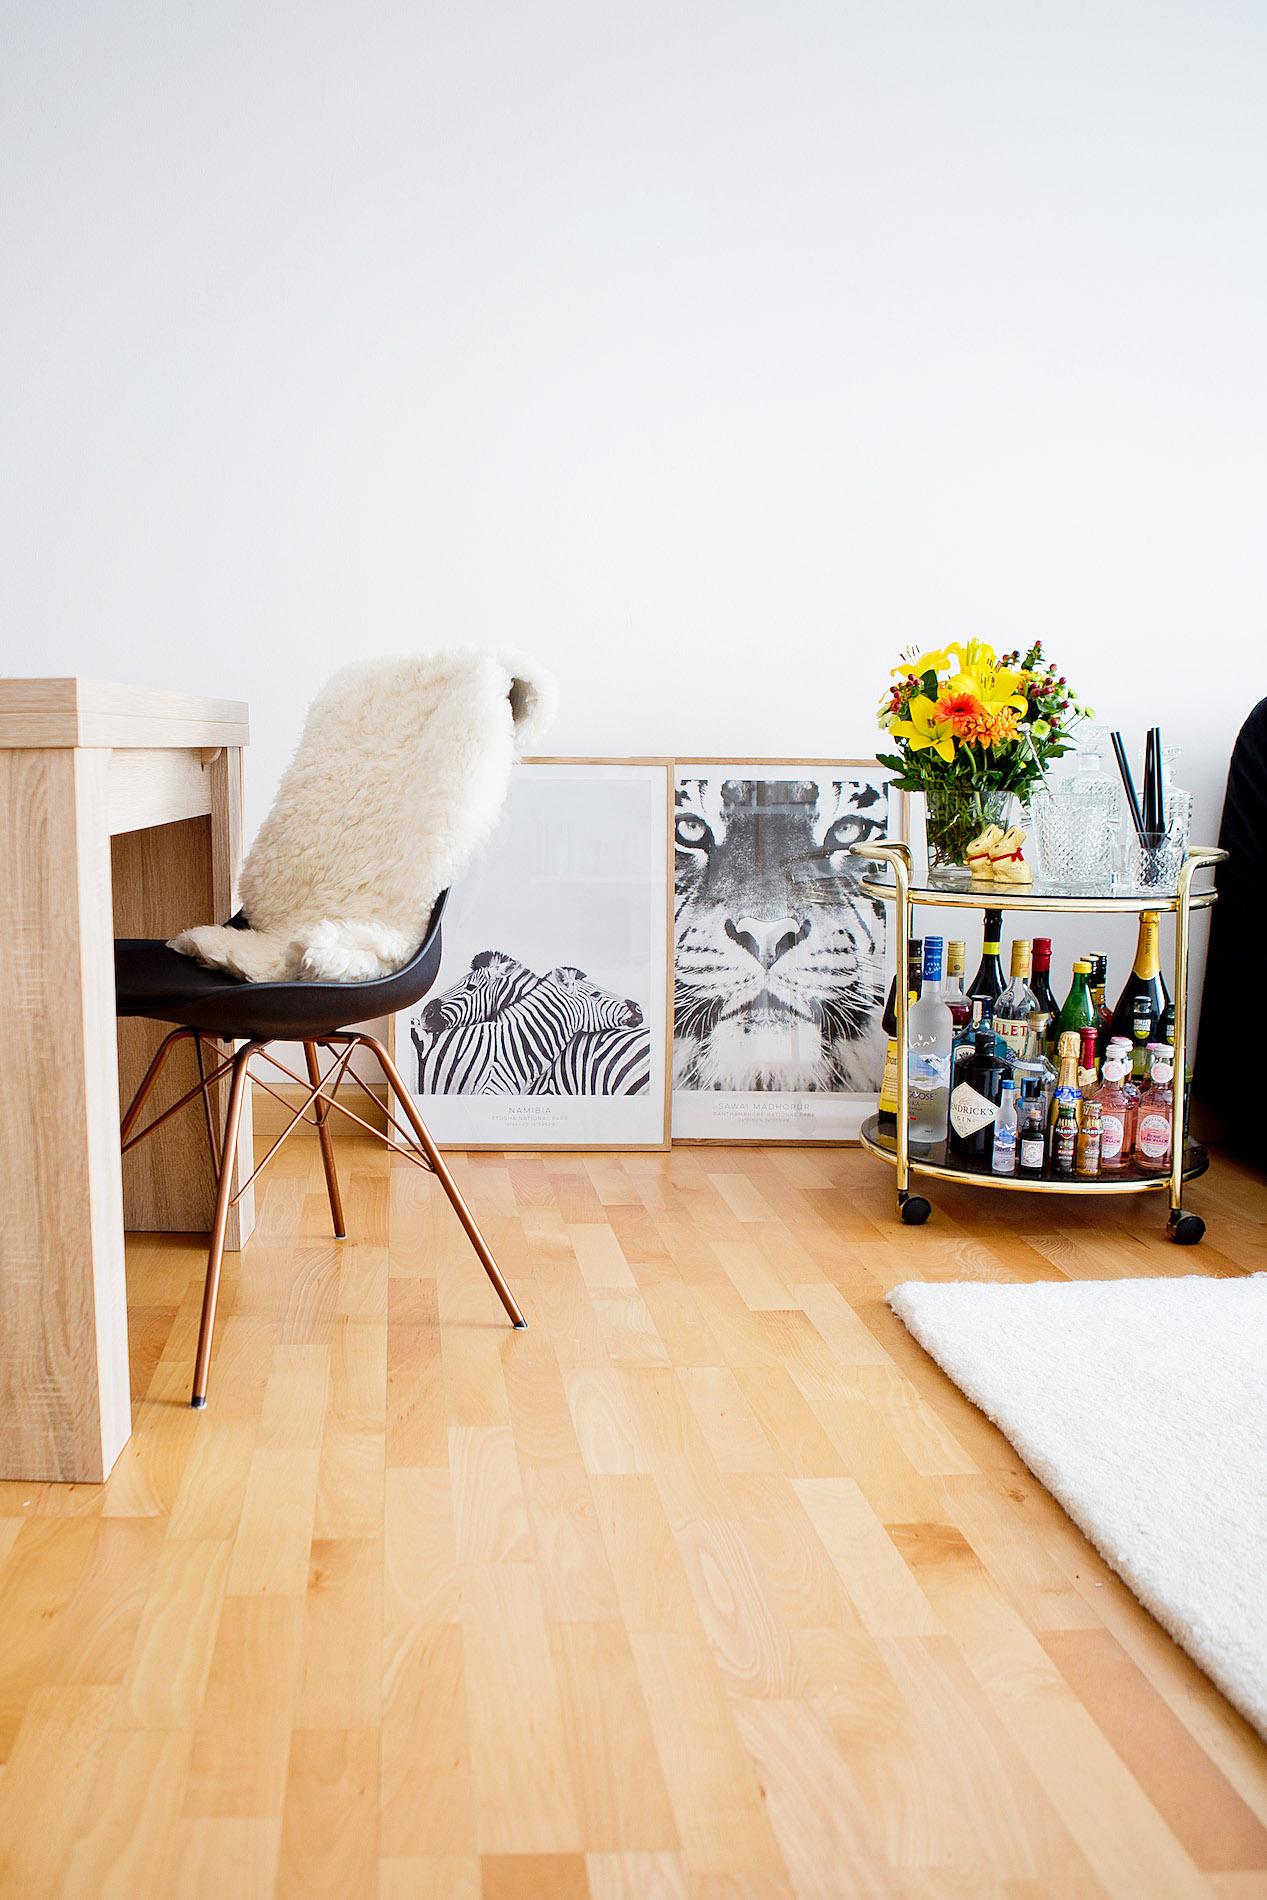 Desenio Poster Dekorieren Wohnzimmer, Zebra Poster, Barcart Styling,  Kartell Light Air,